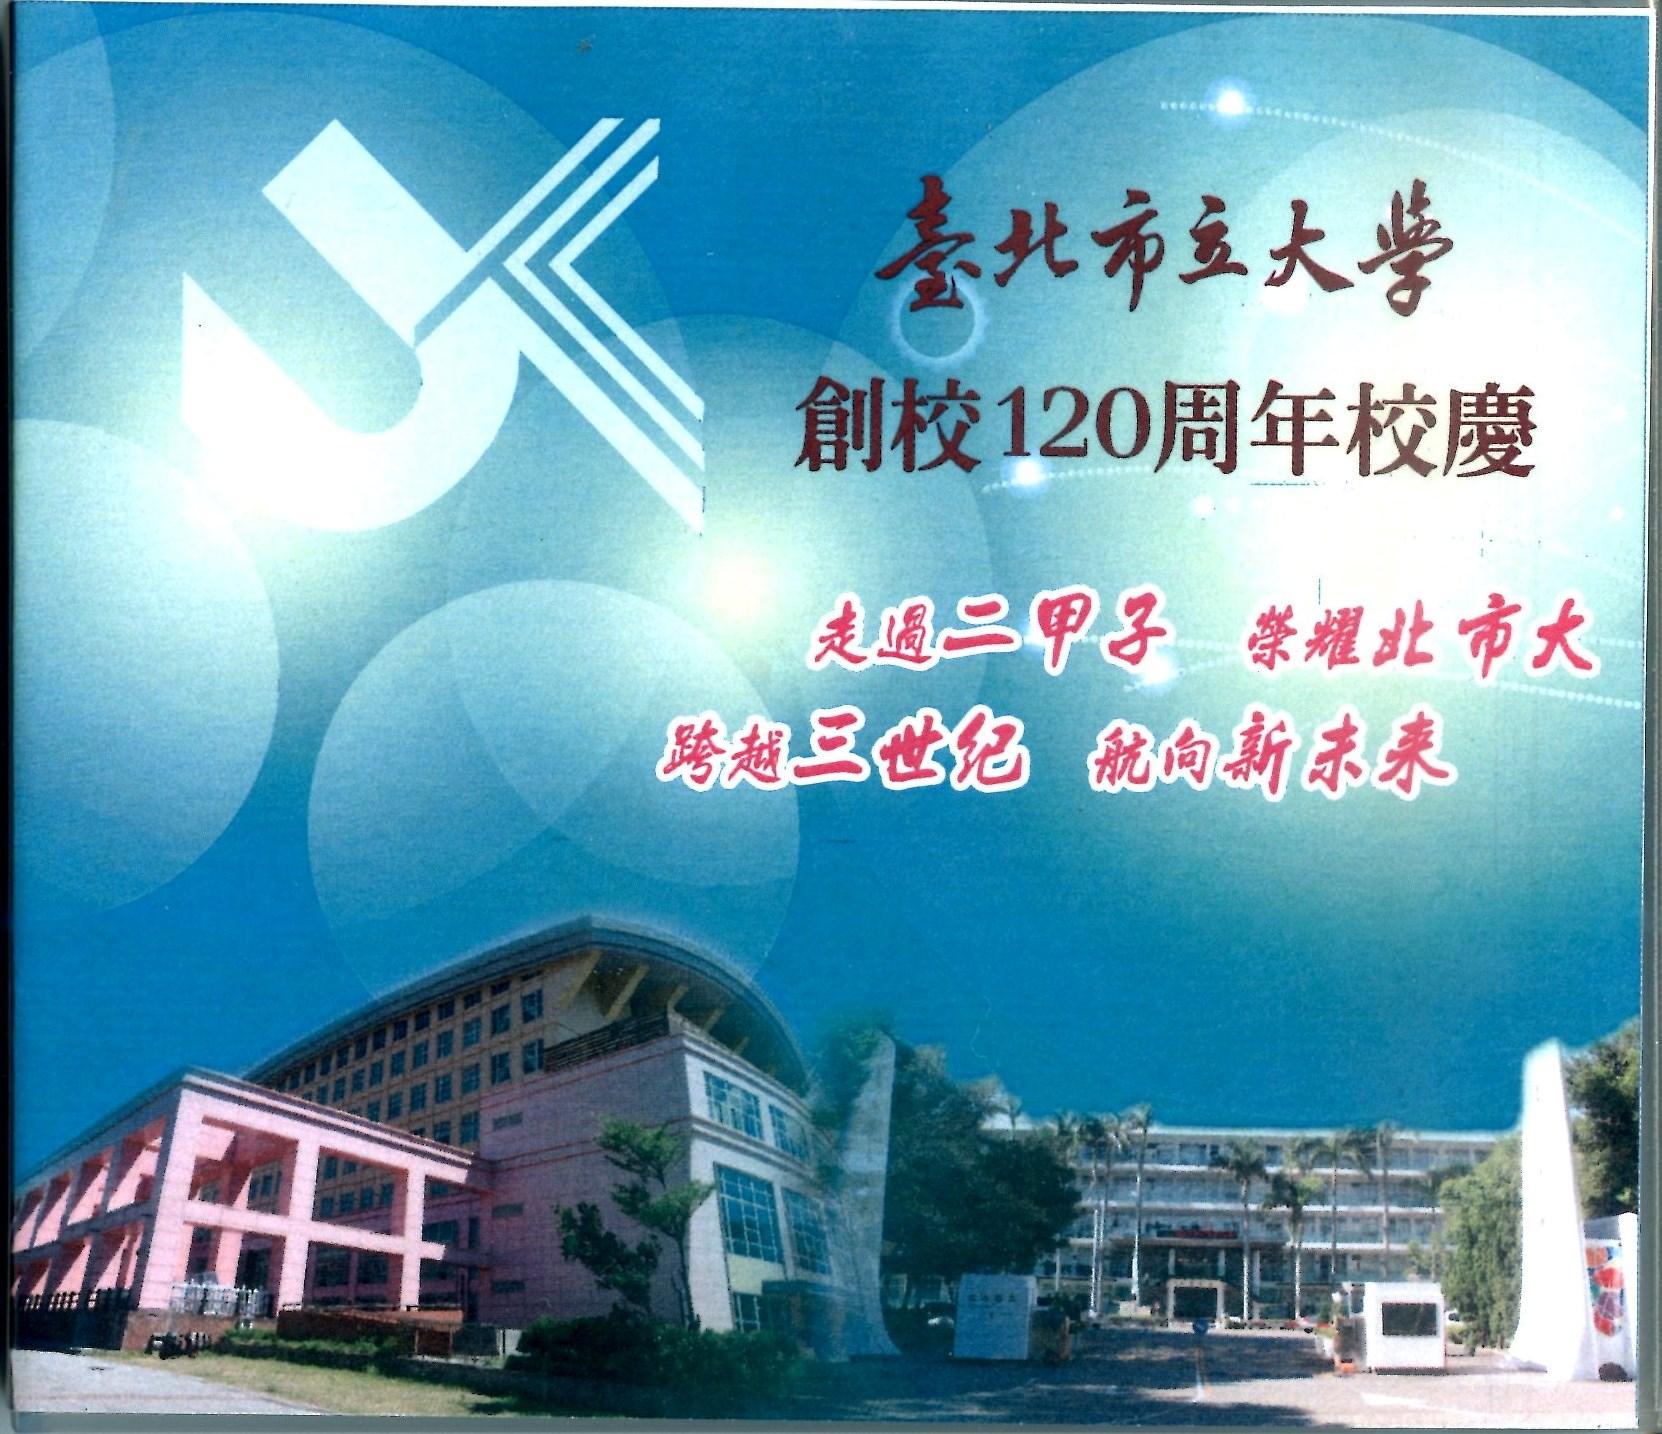 臺北市立大學創校120周年校慶 :  走過二甲子 榮耀北市大 ; 跨越三世紀 航向新未來 /